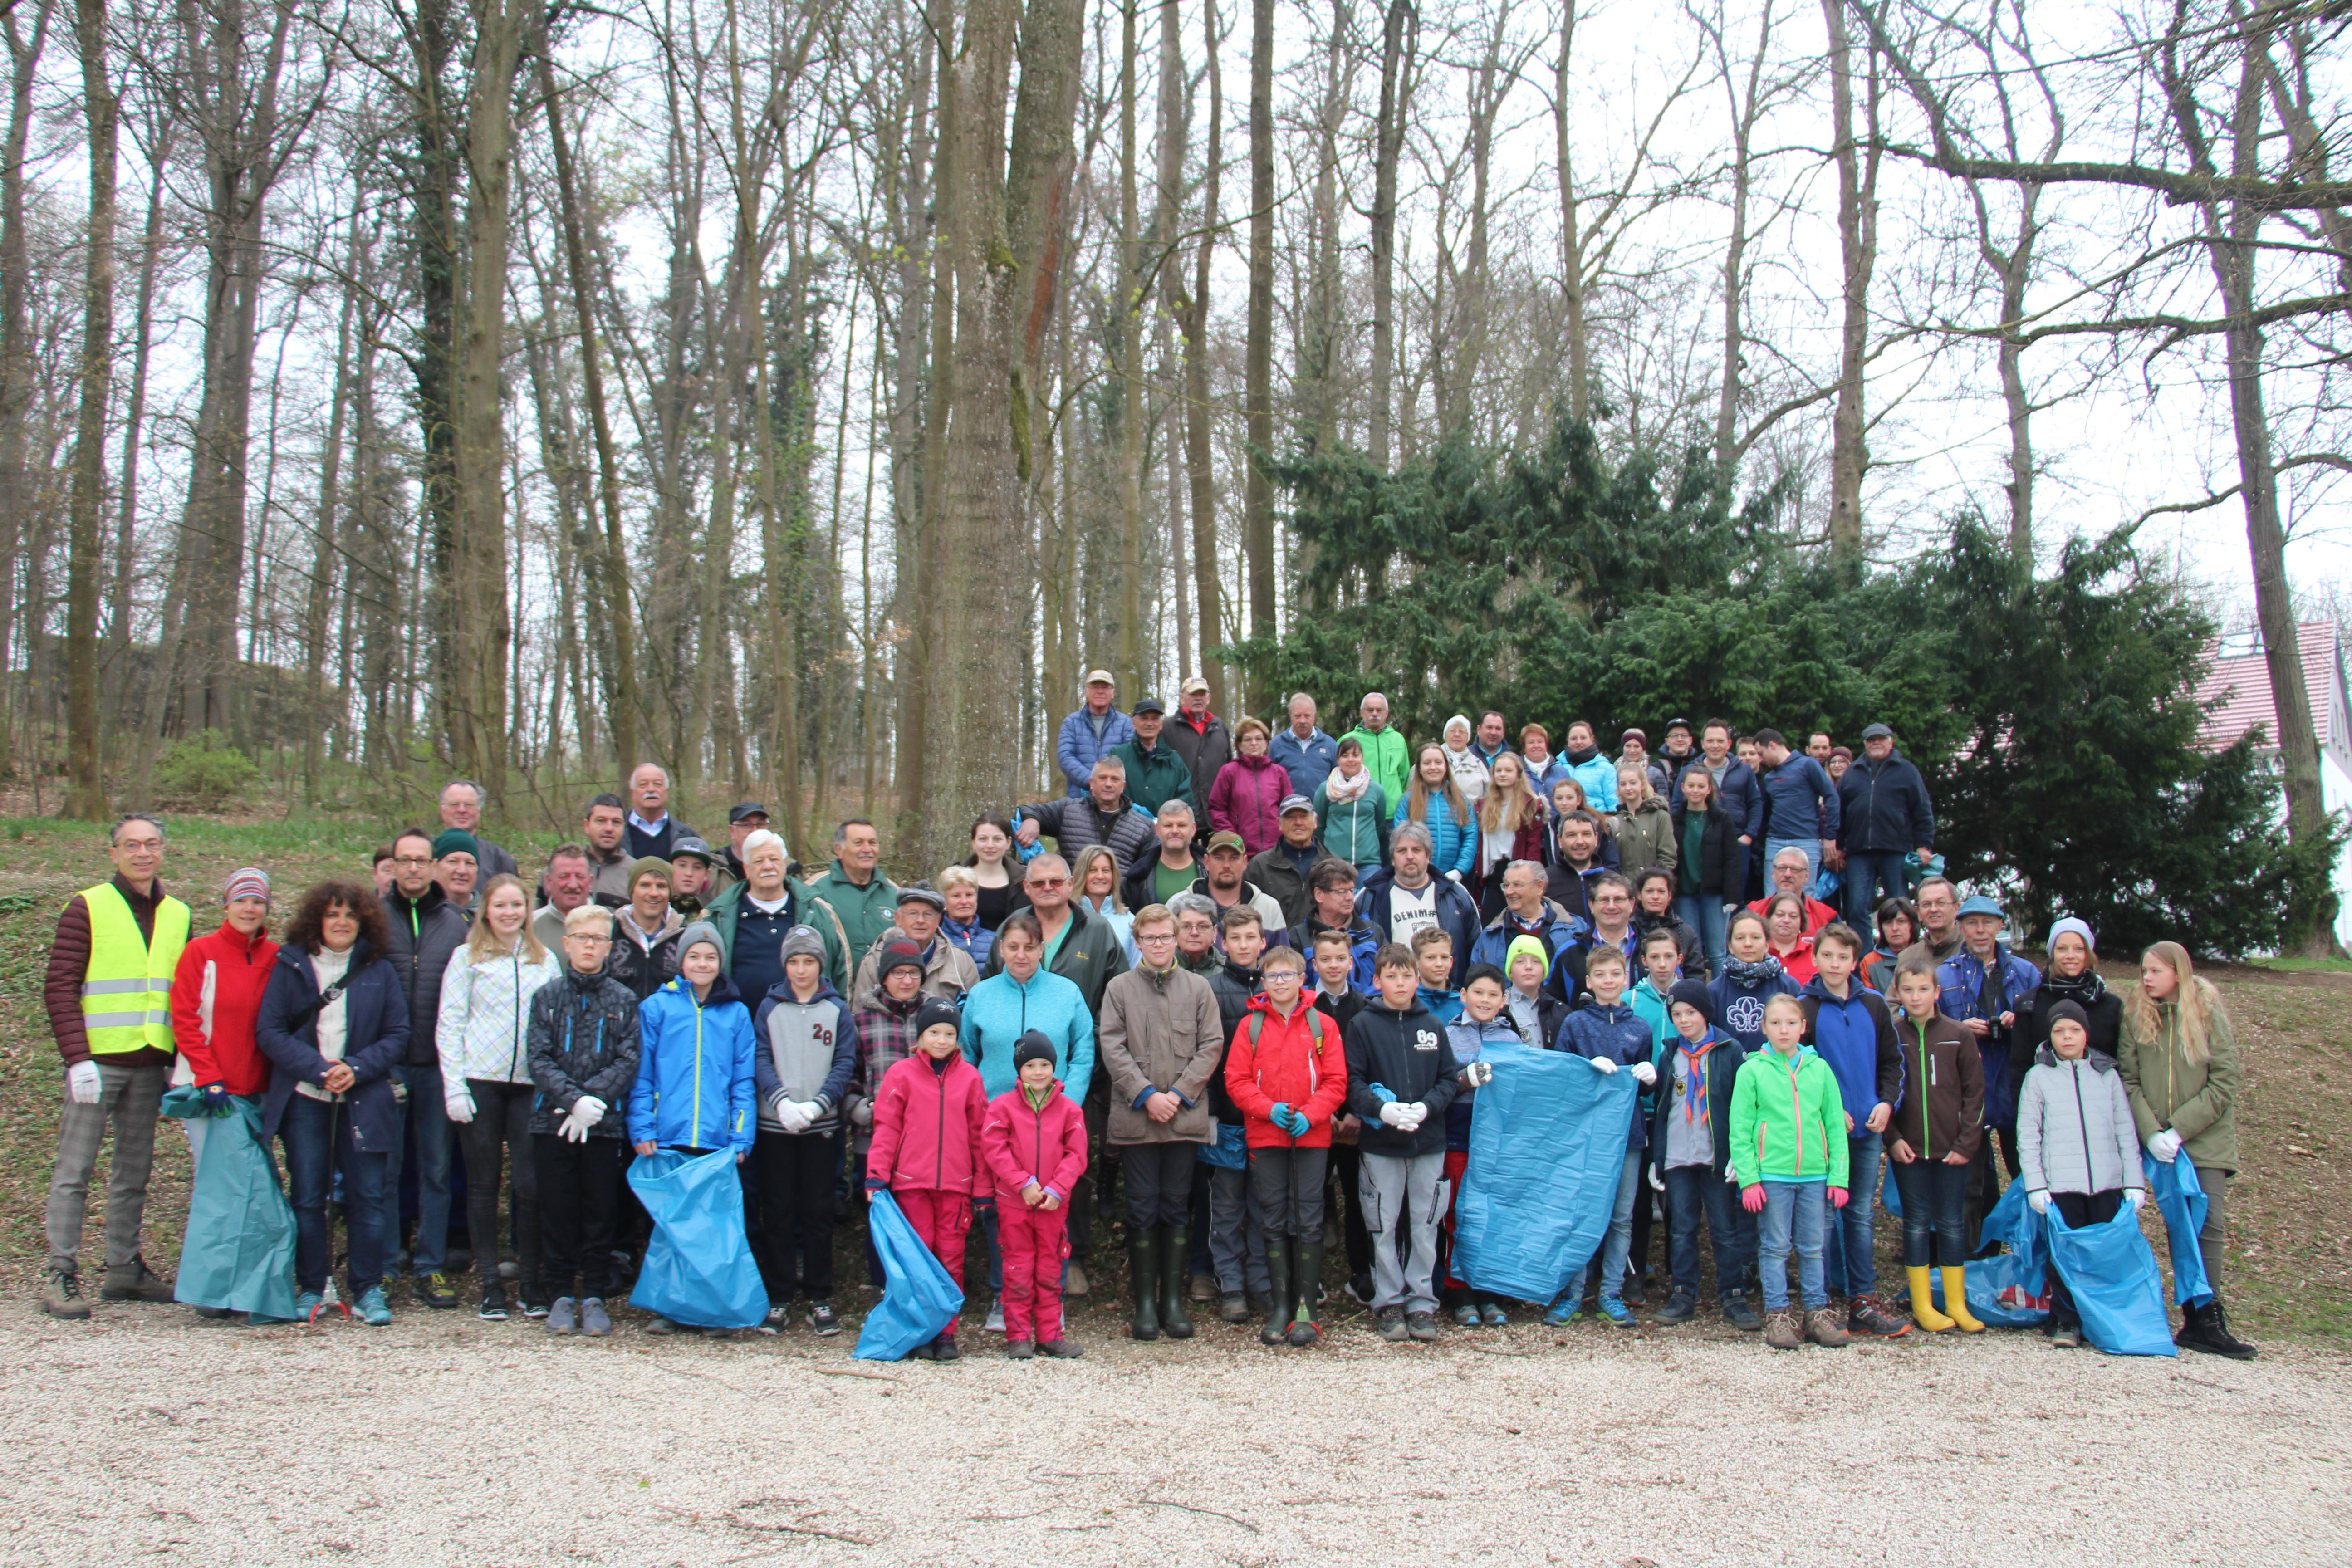 4dc1b3c56b2e61 Bei trockenen Temperaturen trafen sich die Teilnehmer der Putzaktion in der  Kernstadt am Parkplatz an den Tennisplätzen auf der Marienhöhe.